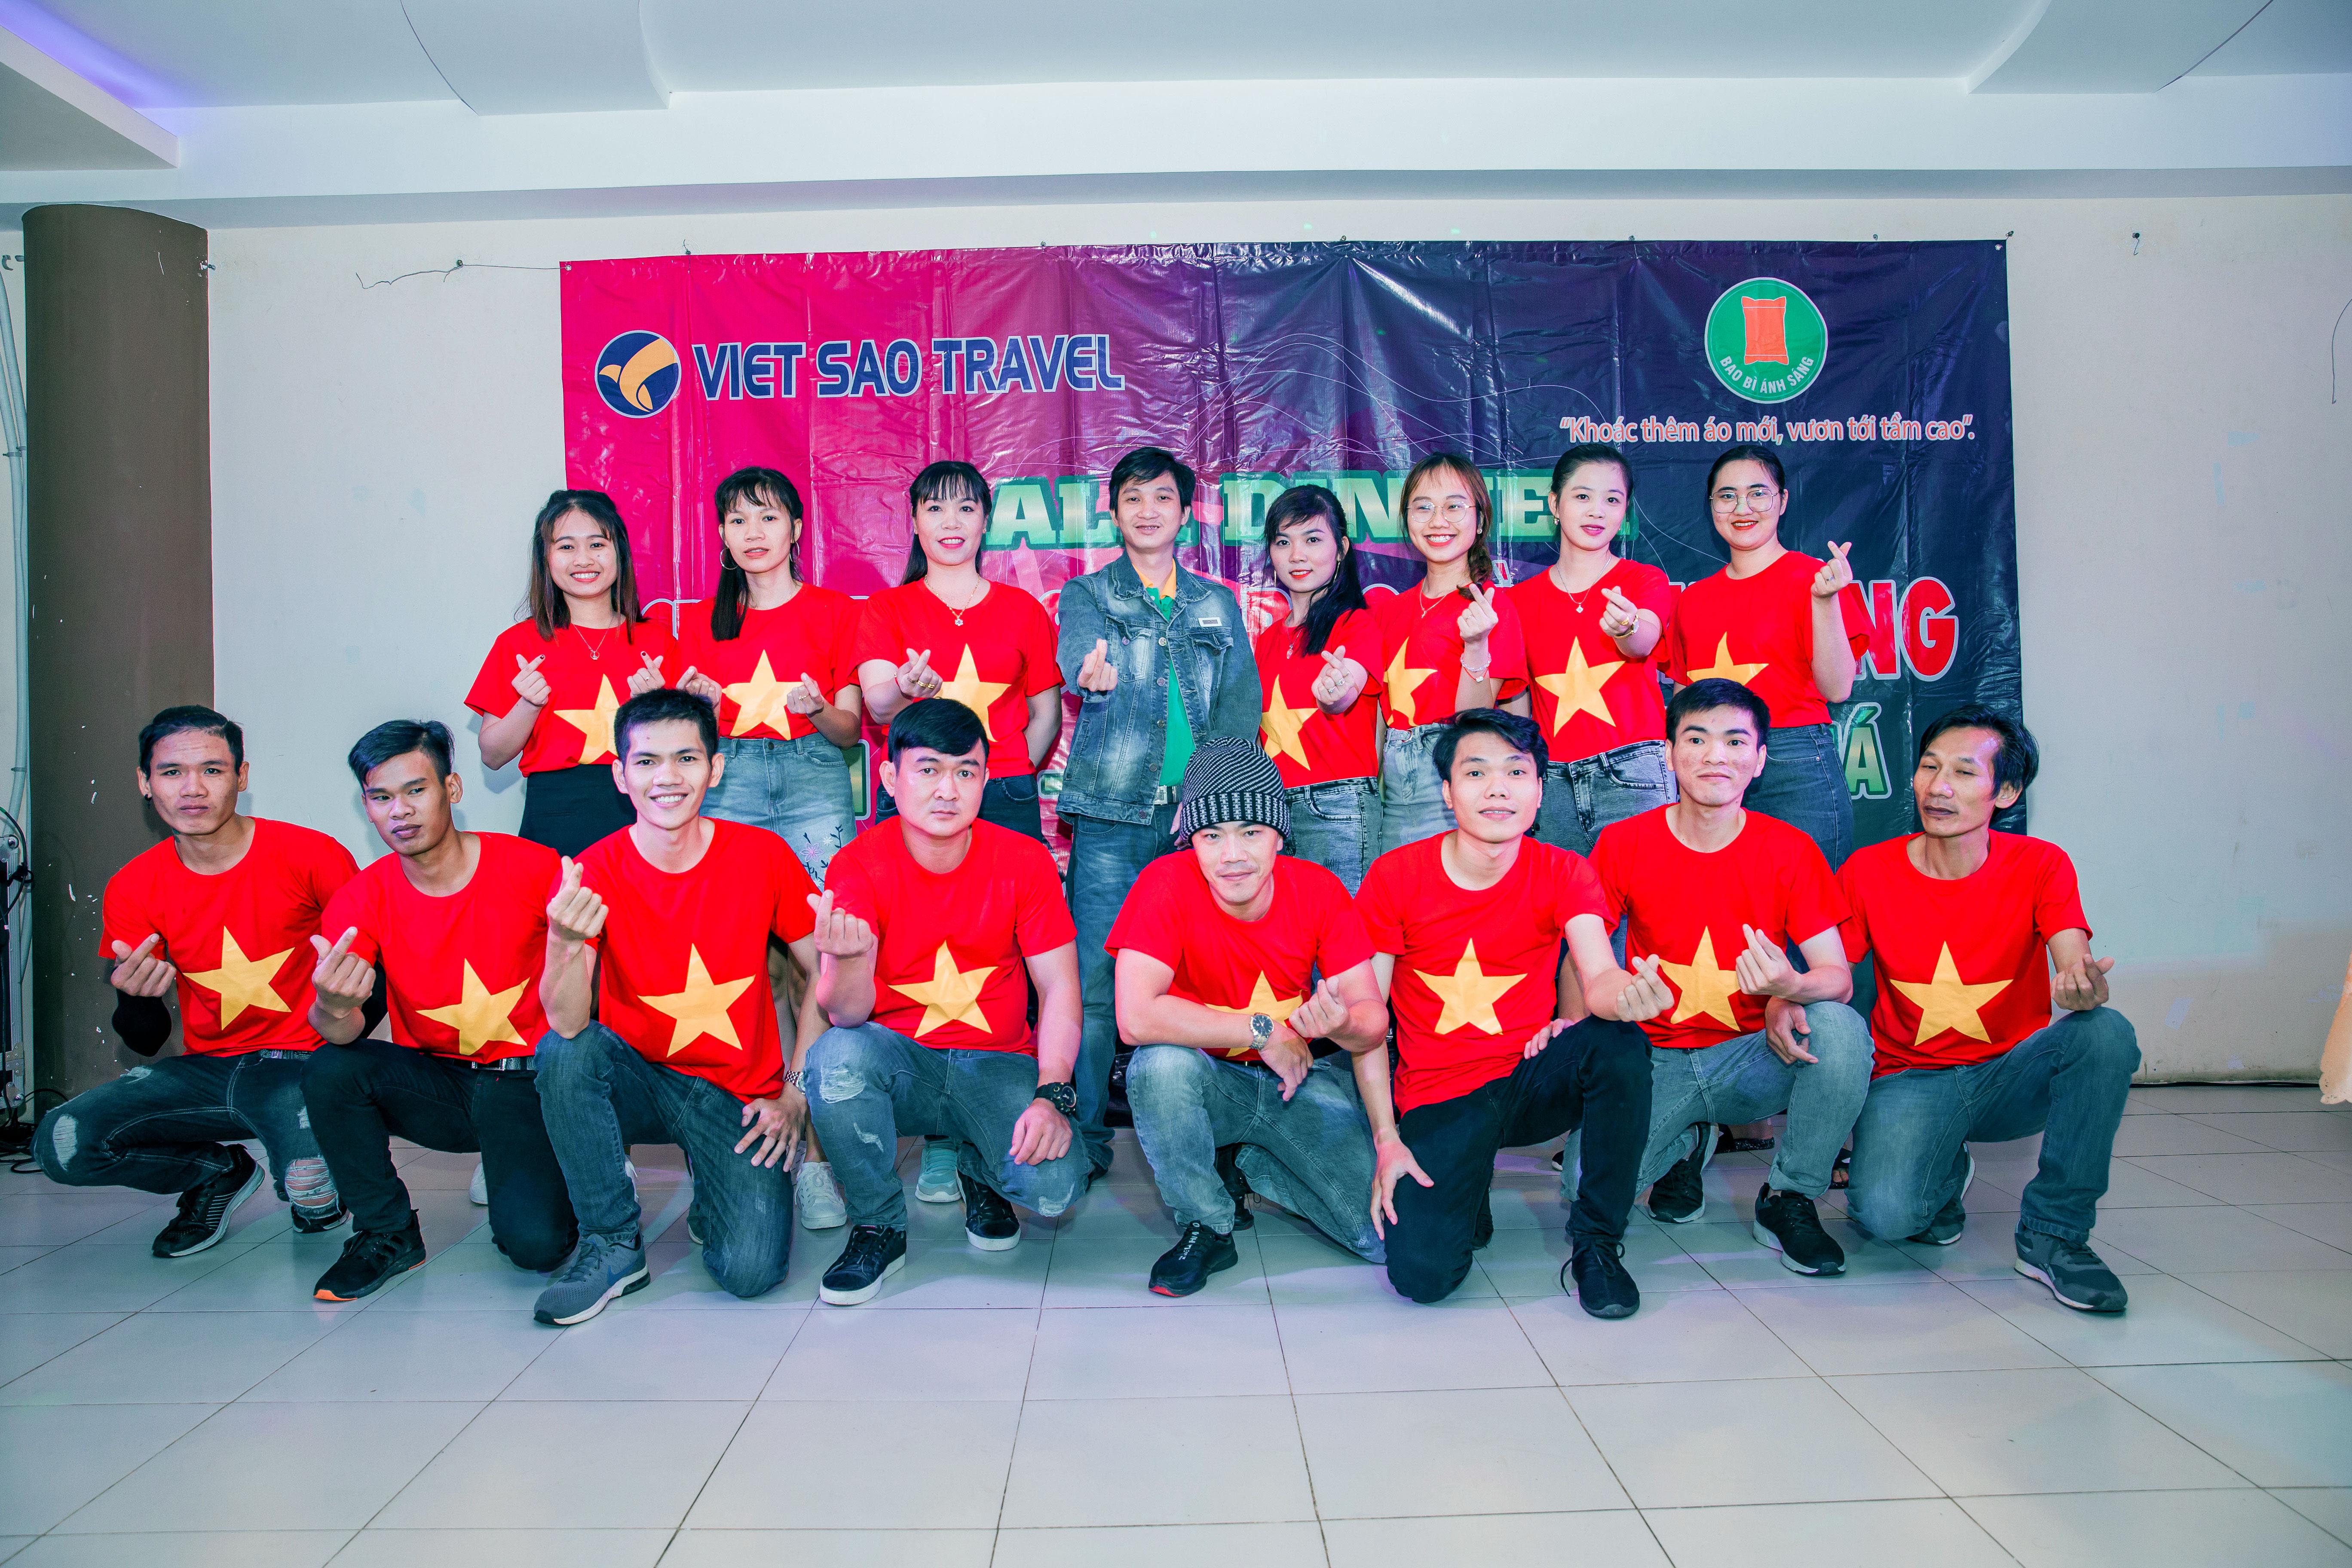 Bao Bì Ánh Sáng với đội ngũ nhân viên 9x trẻ trung, năng động